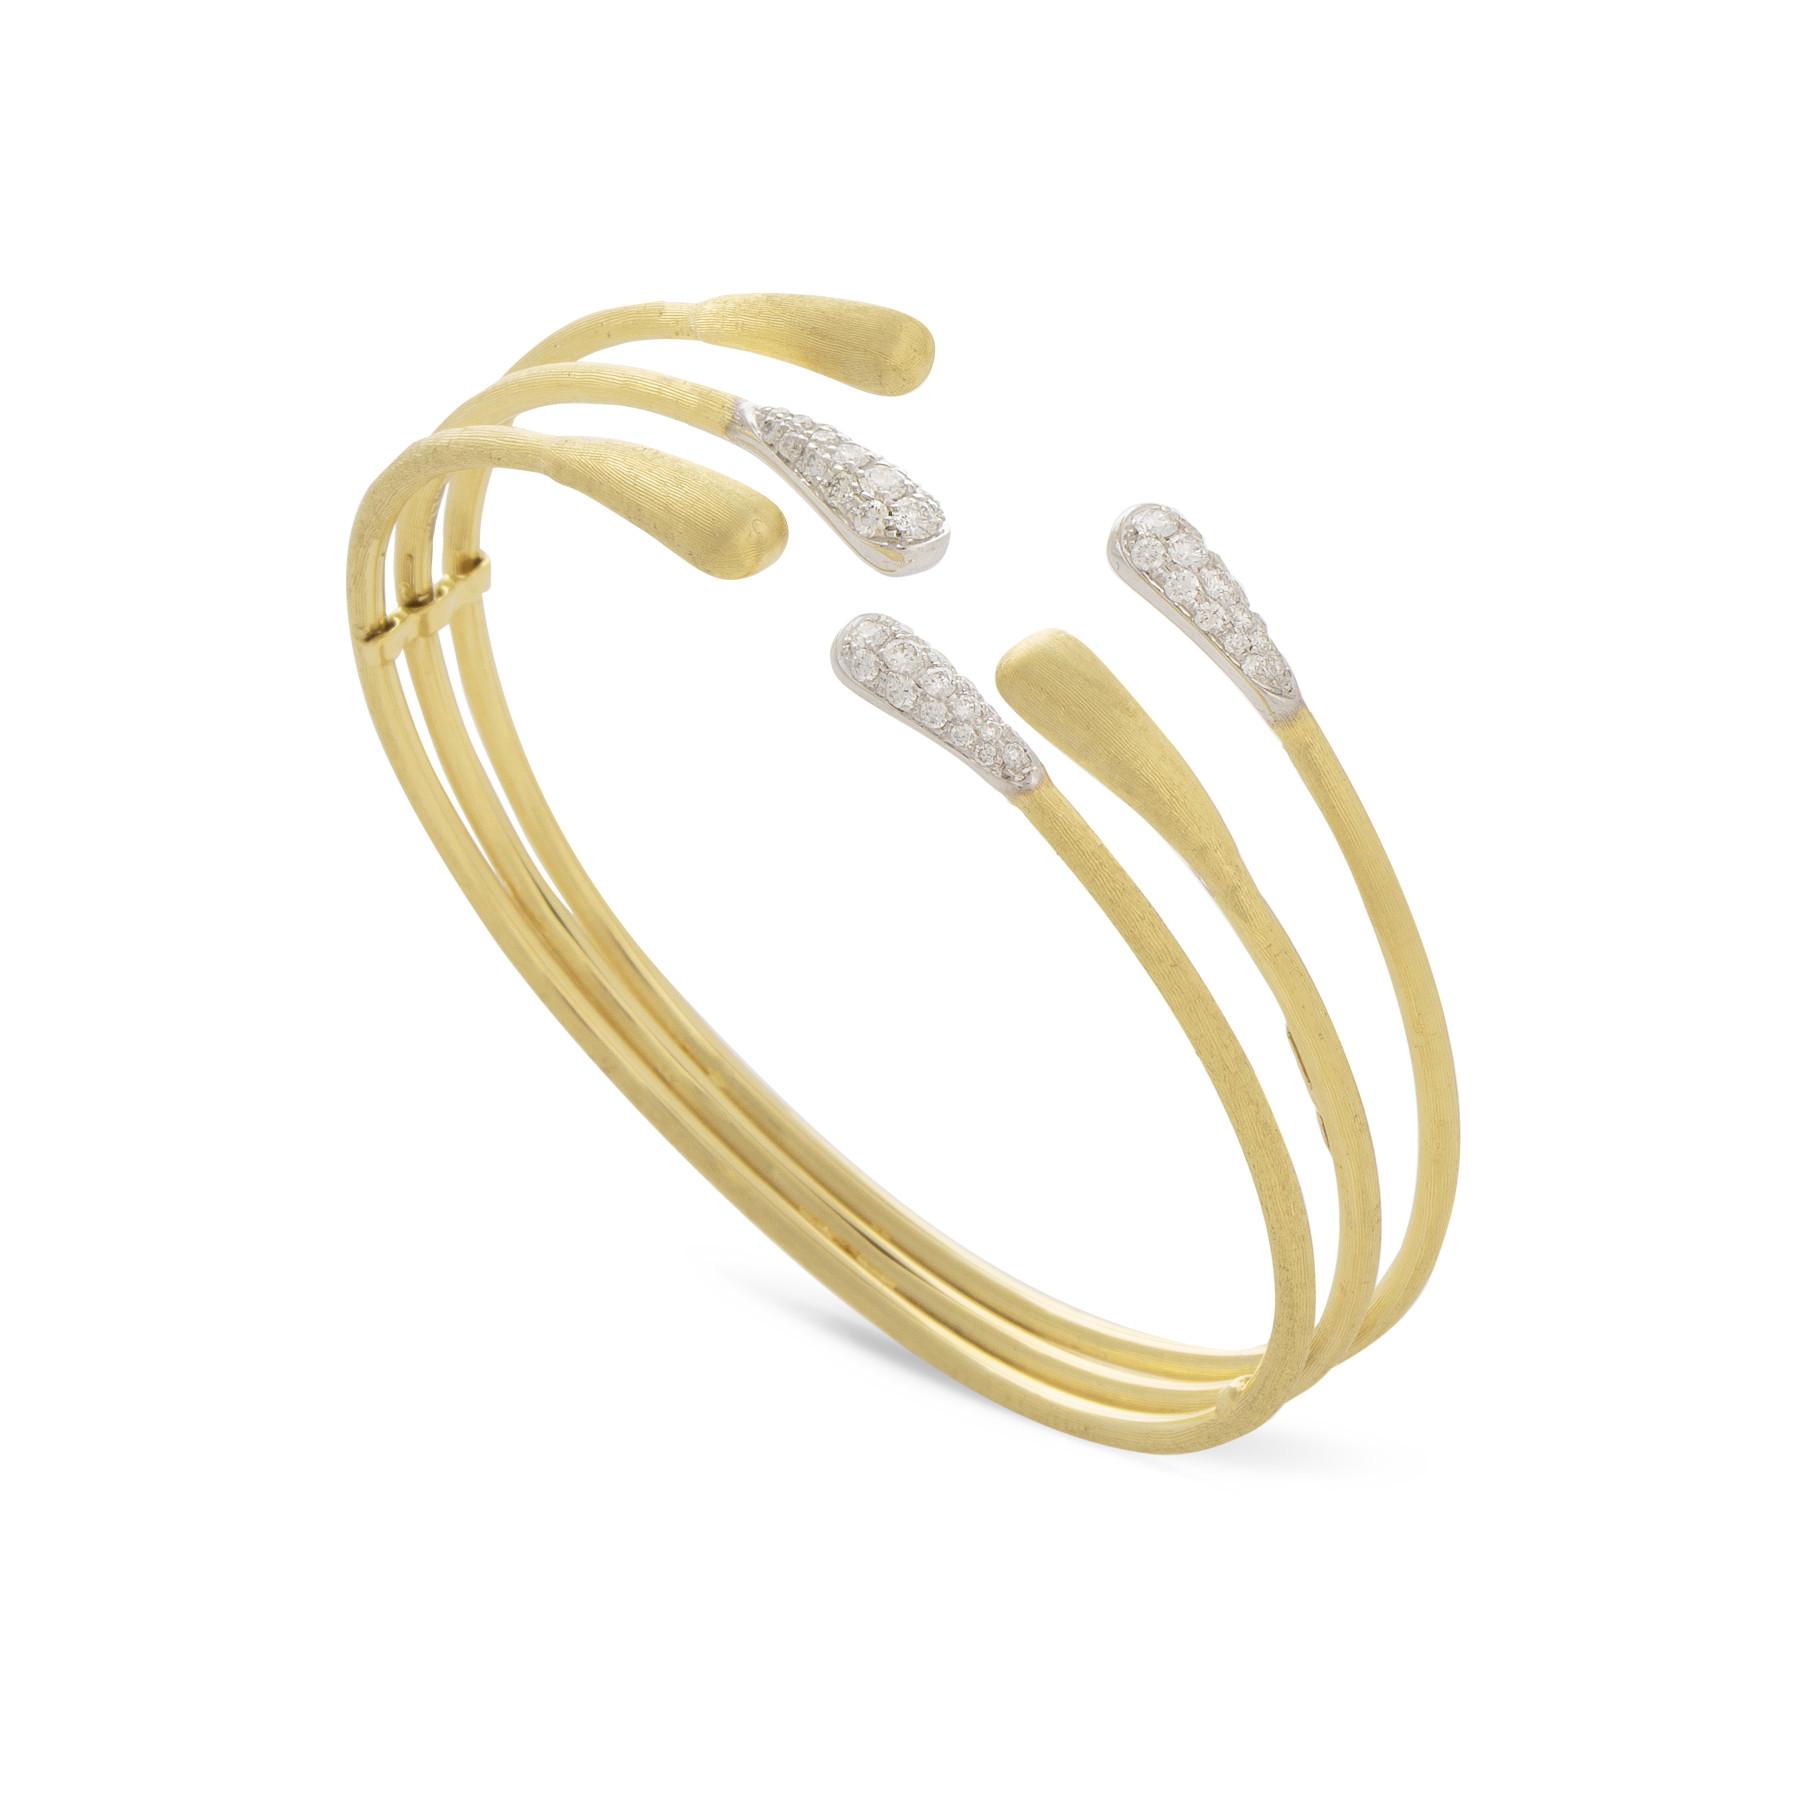 Marco Bicego Lucia Three Row Diamond Bangle Bracelet